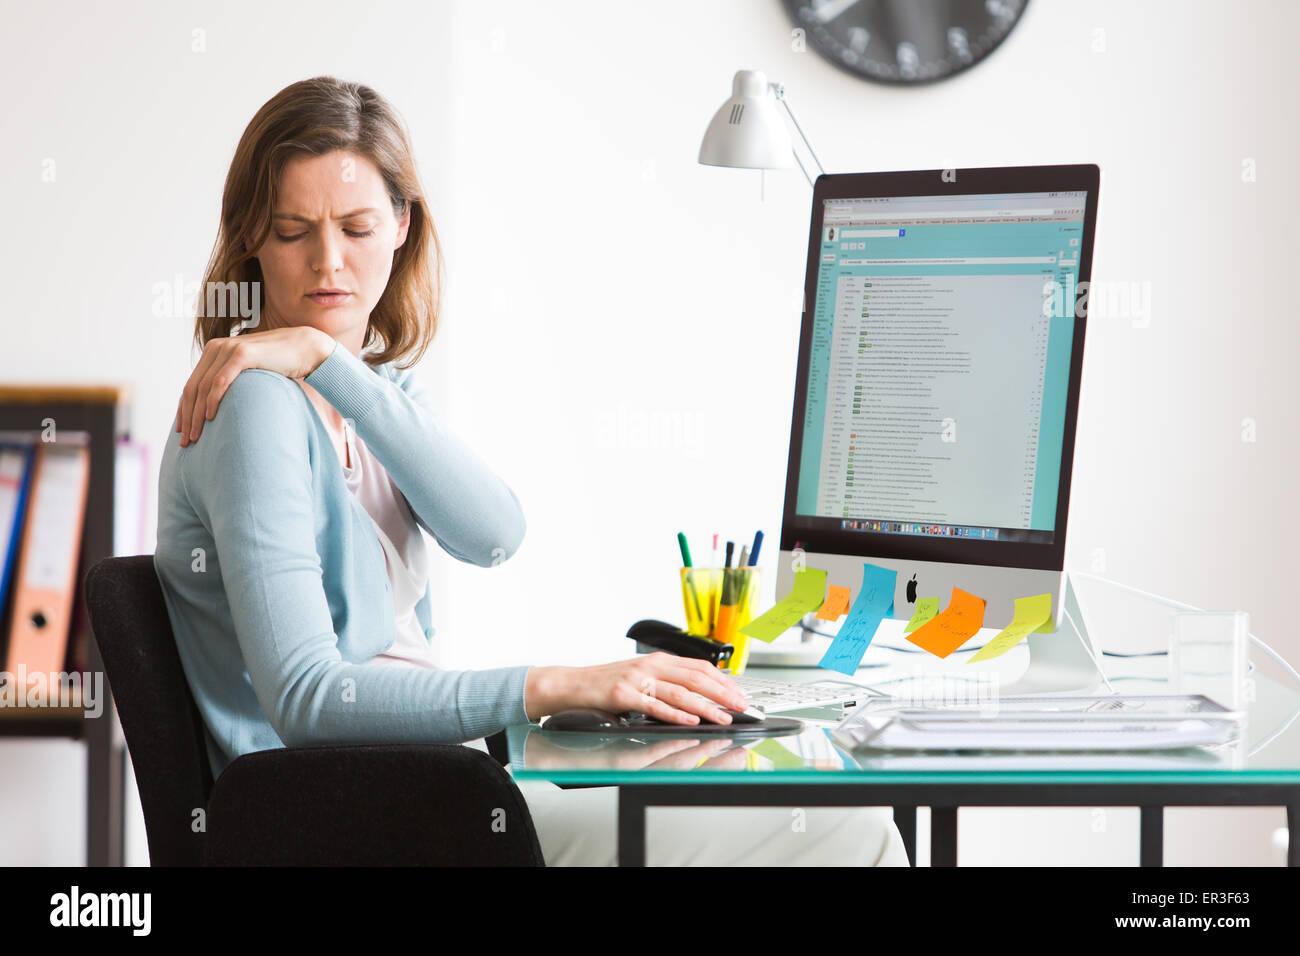 Frau bei der Arbeit leiden unter Schmerzen in der Schulter. Stockbild